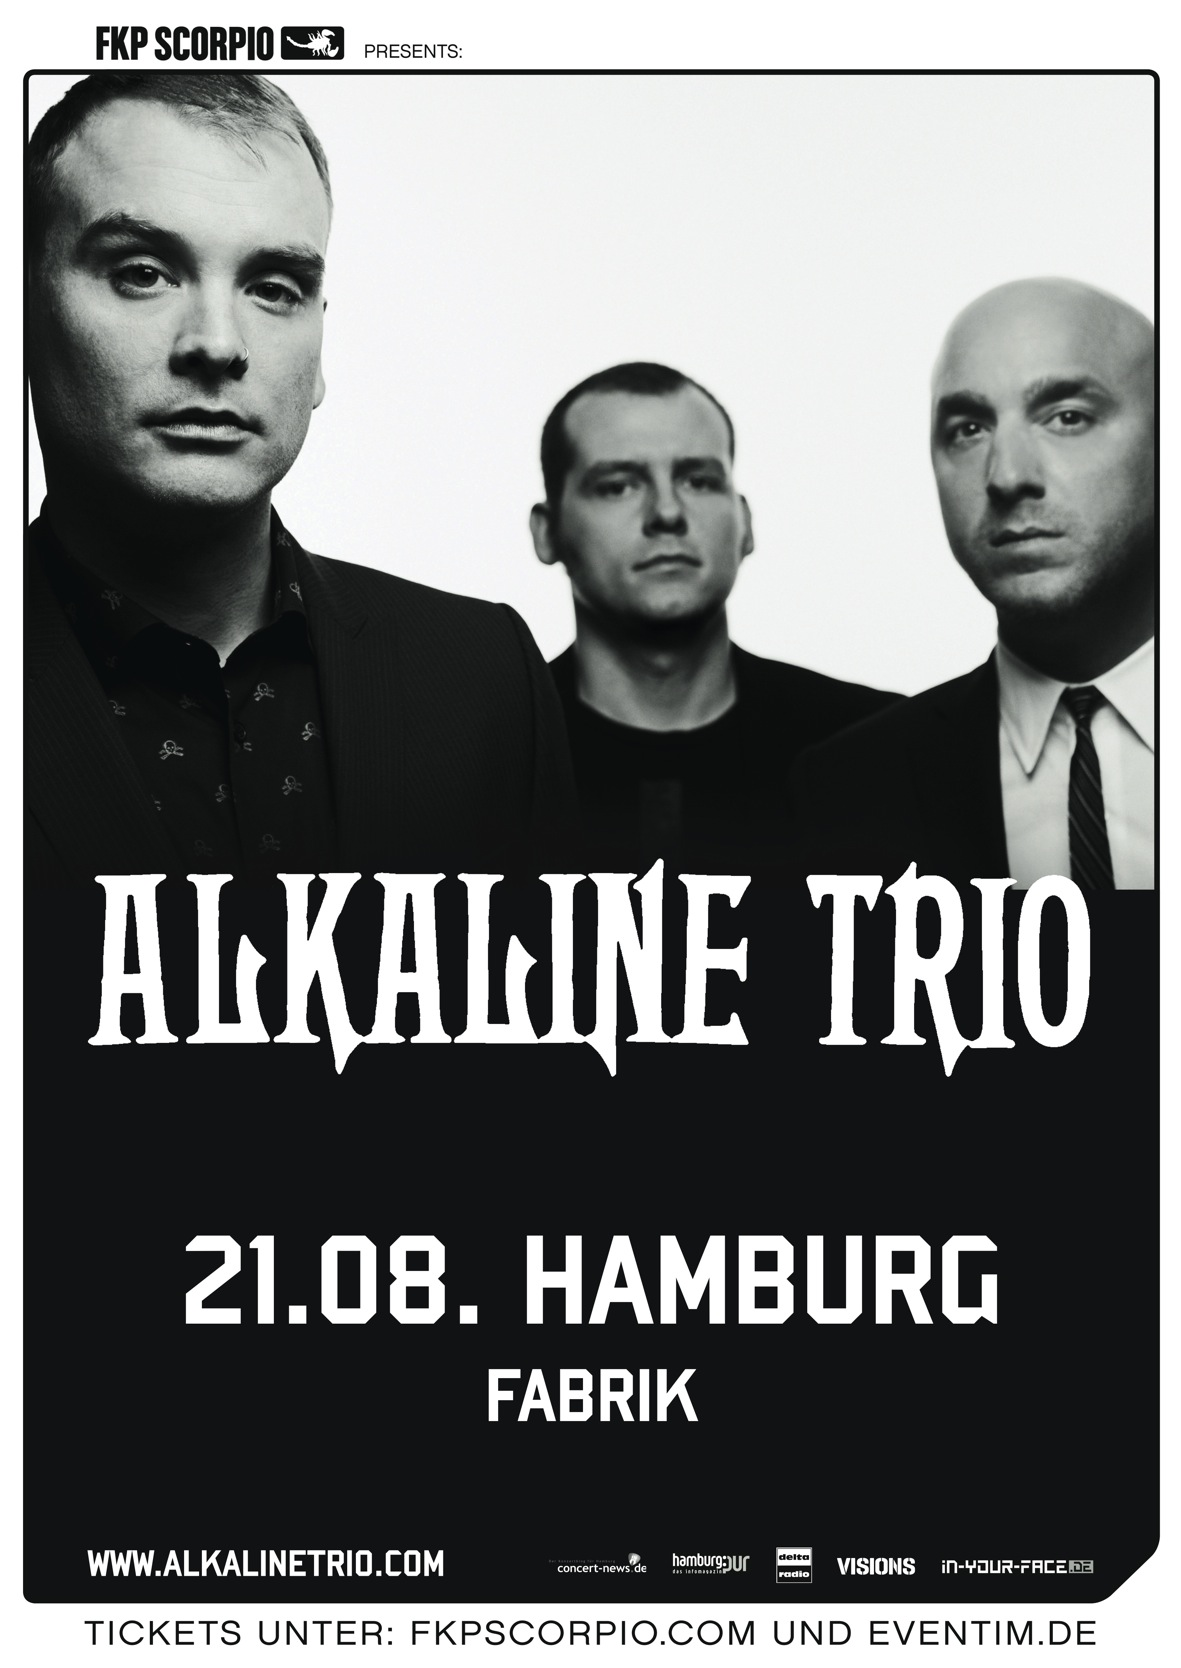 Photo zu 21.08.2013: Alkaline Trio, The Bronx - Fabrik, Hamburg